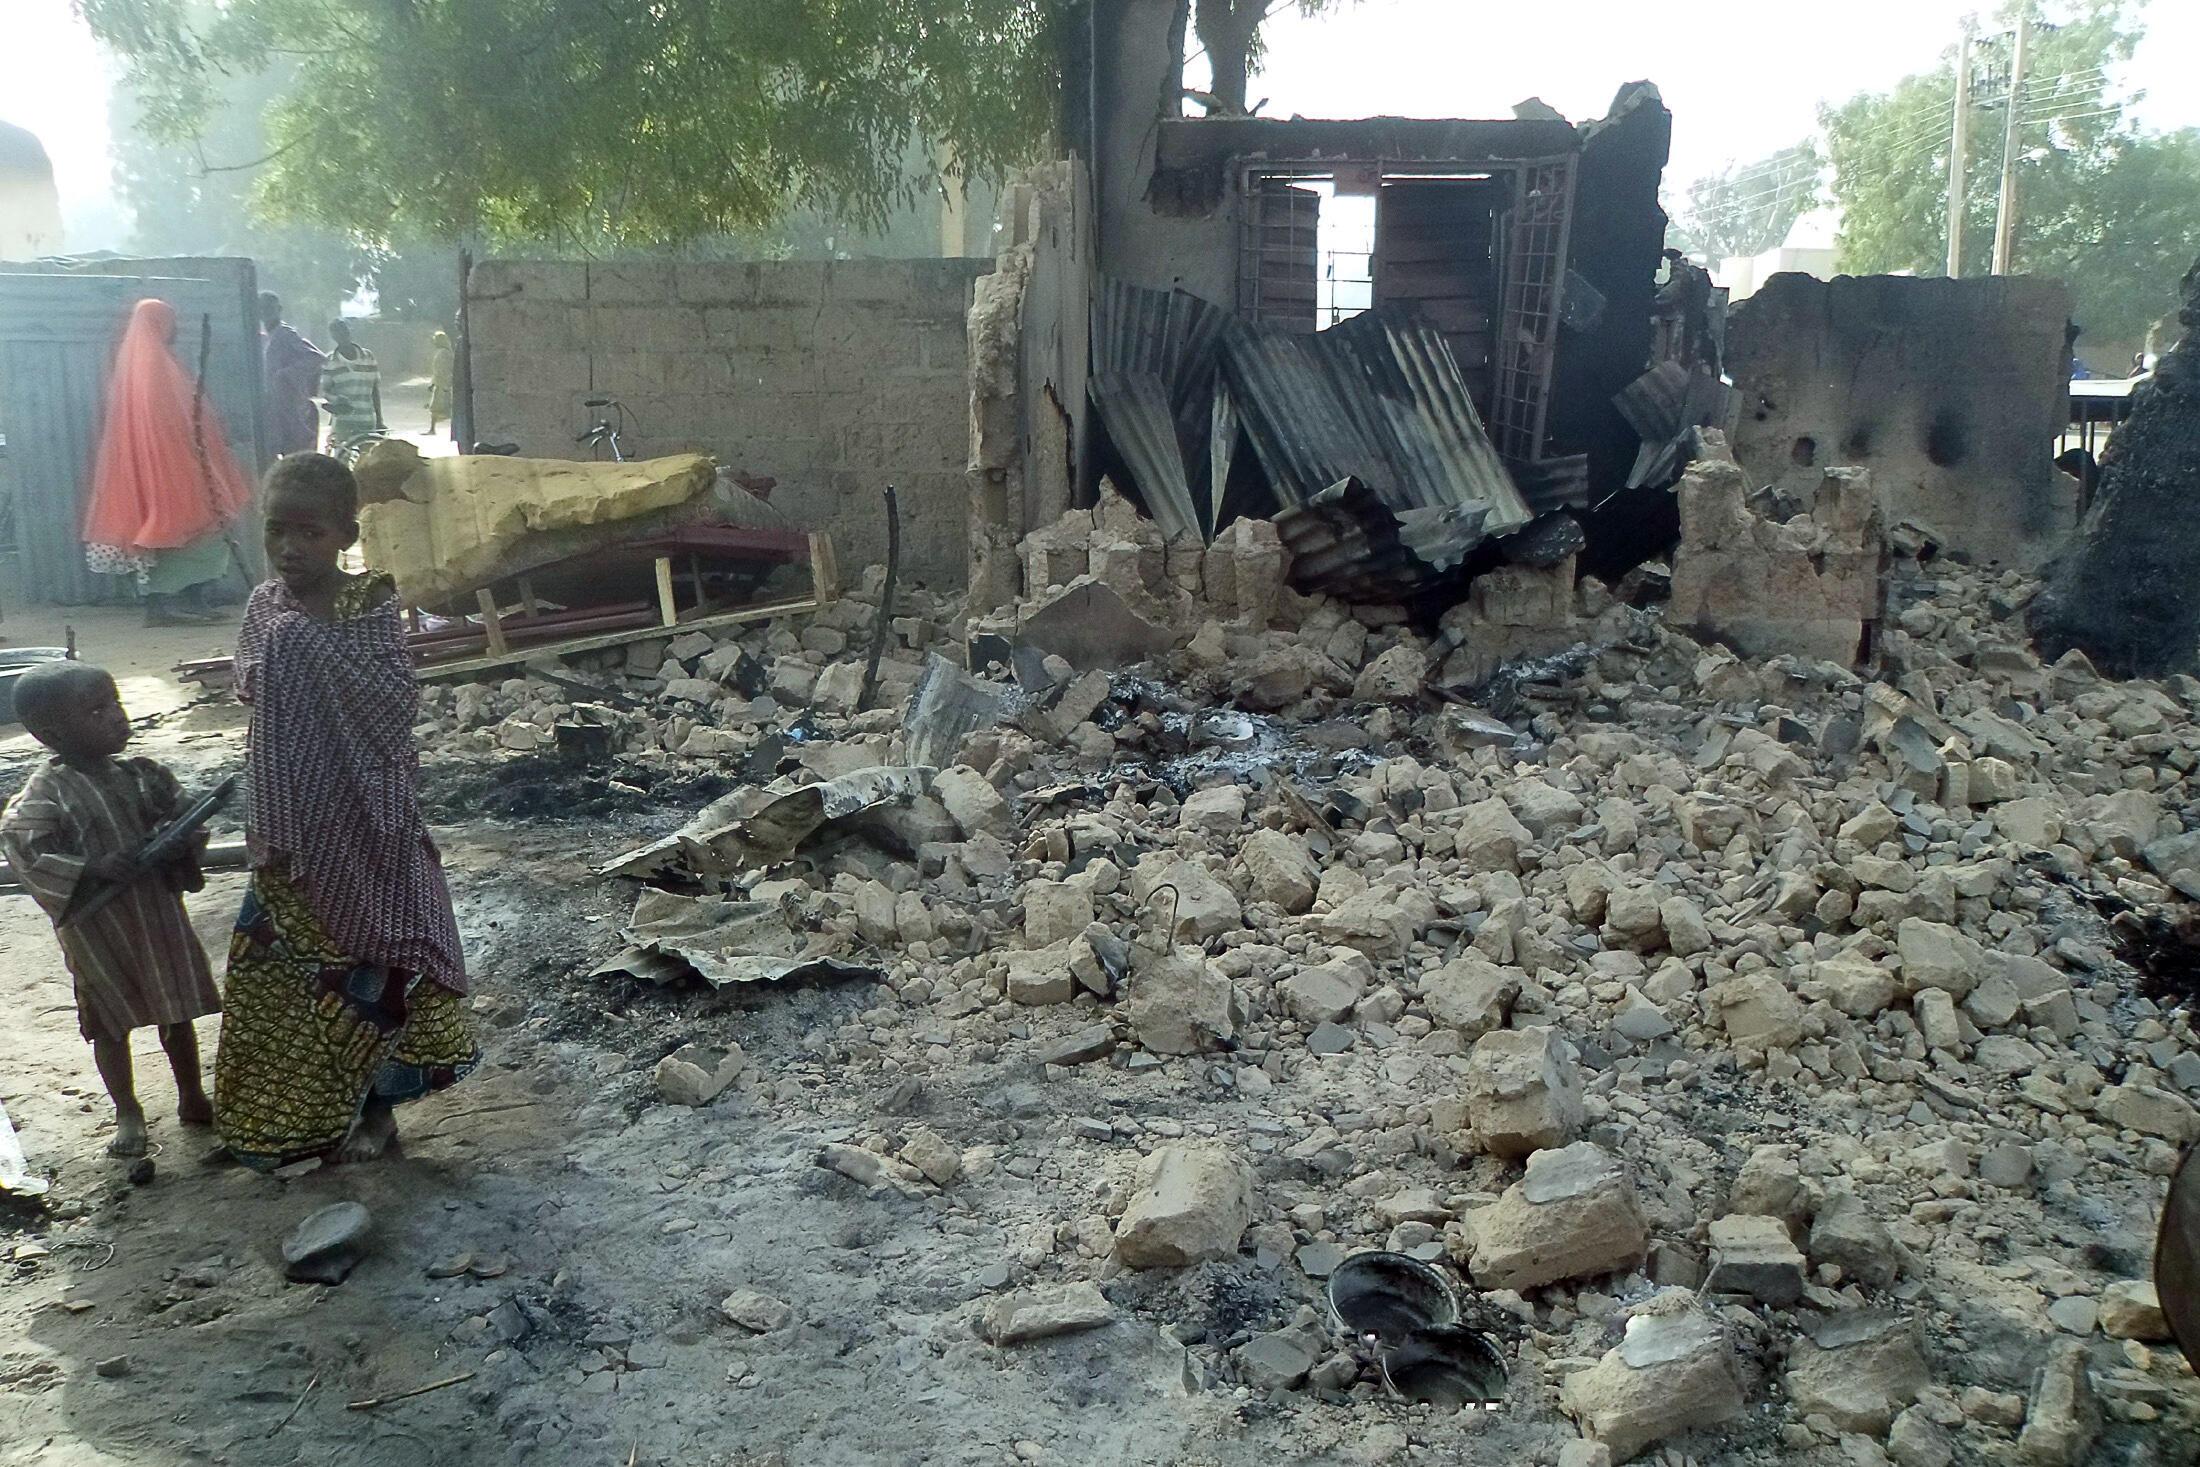 Deux enfants devant les décombres d'une maison détruite lors de l'attaque de Boko Haram dans le village de Dalori, près de Maiduguri (nord-est du Nigeria). Au moins 85 personnes ont été tuées dans cette attaque menée samedi 30 janvier 2016.